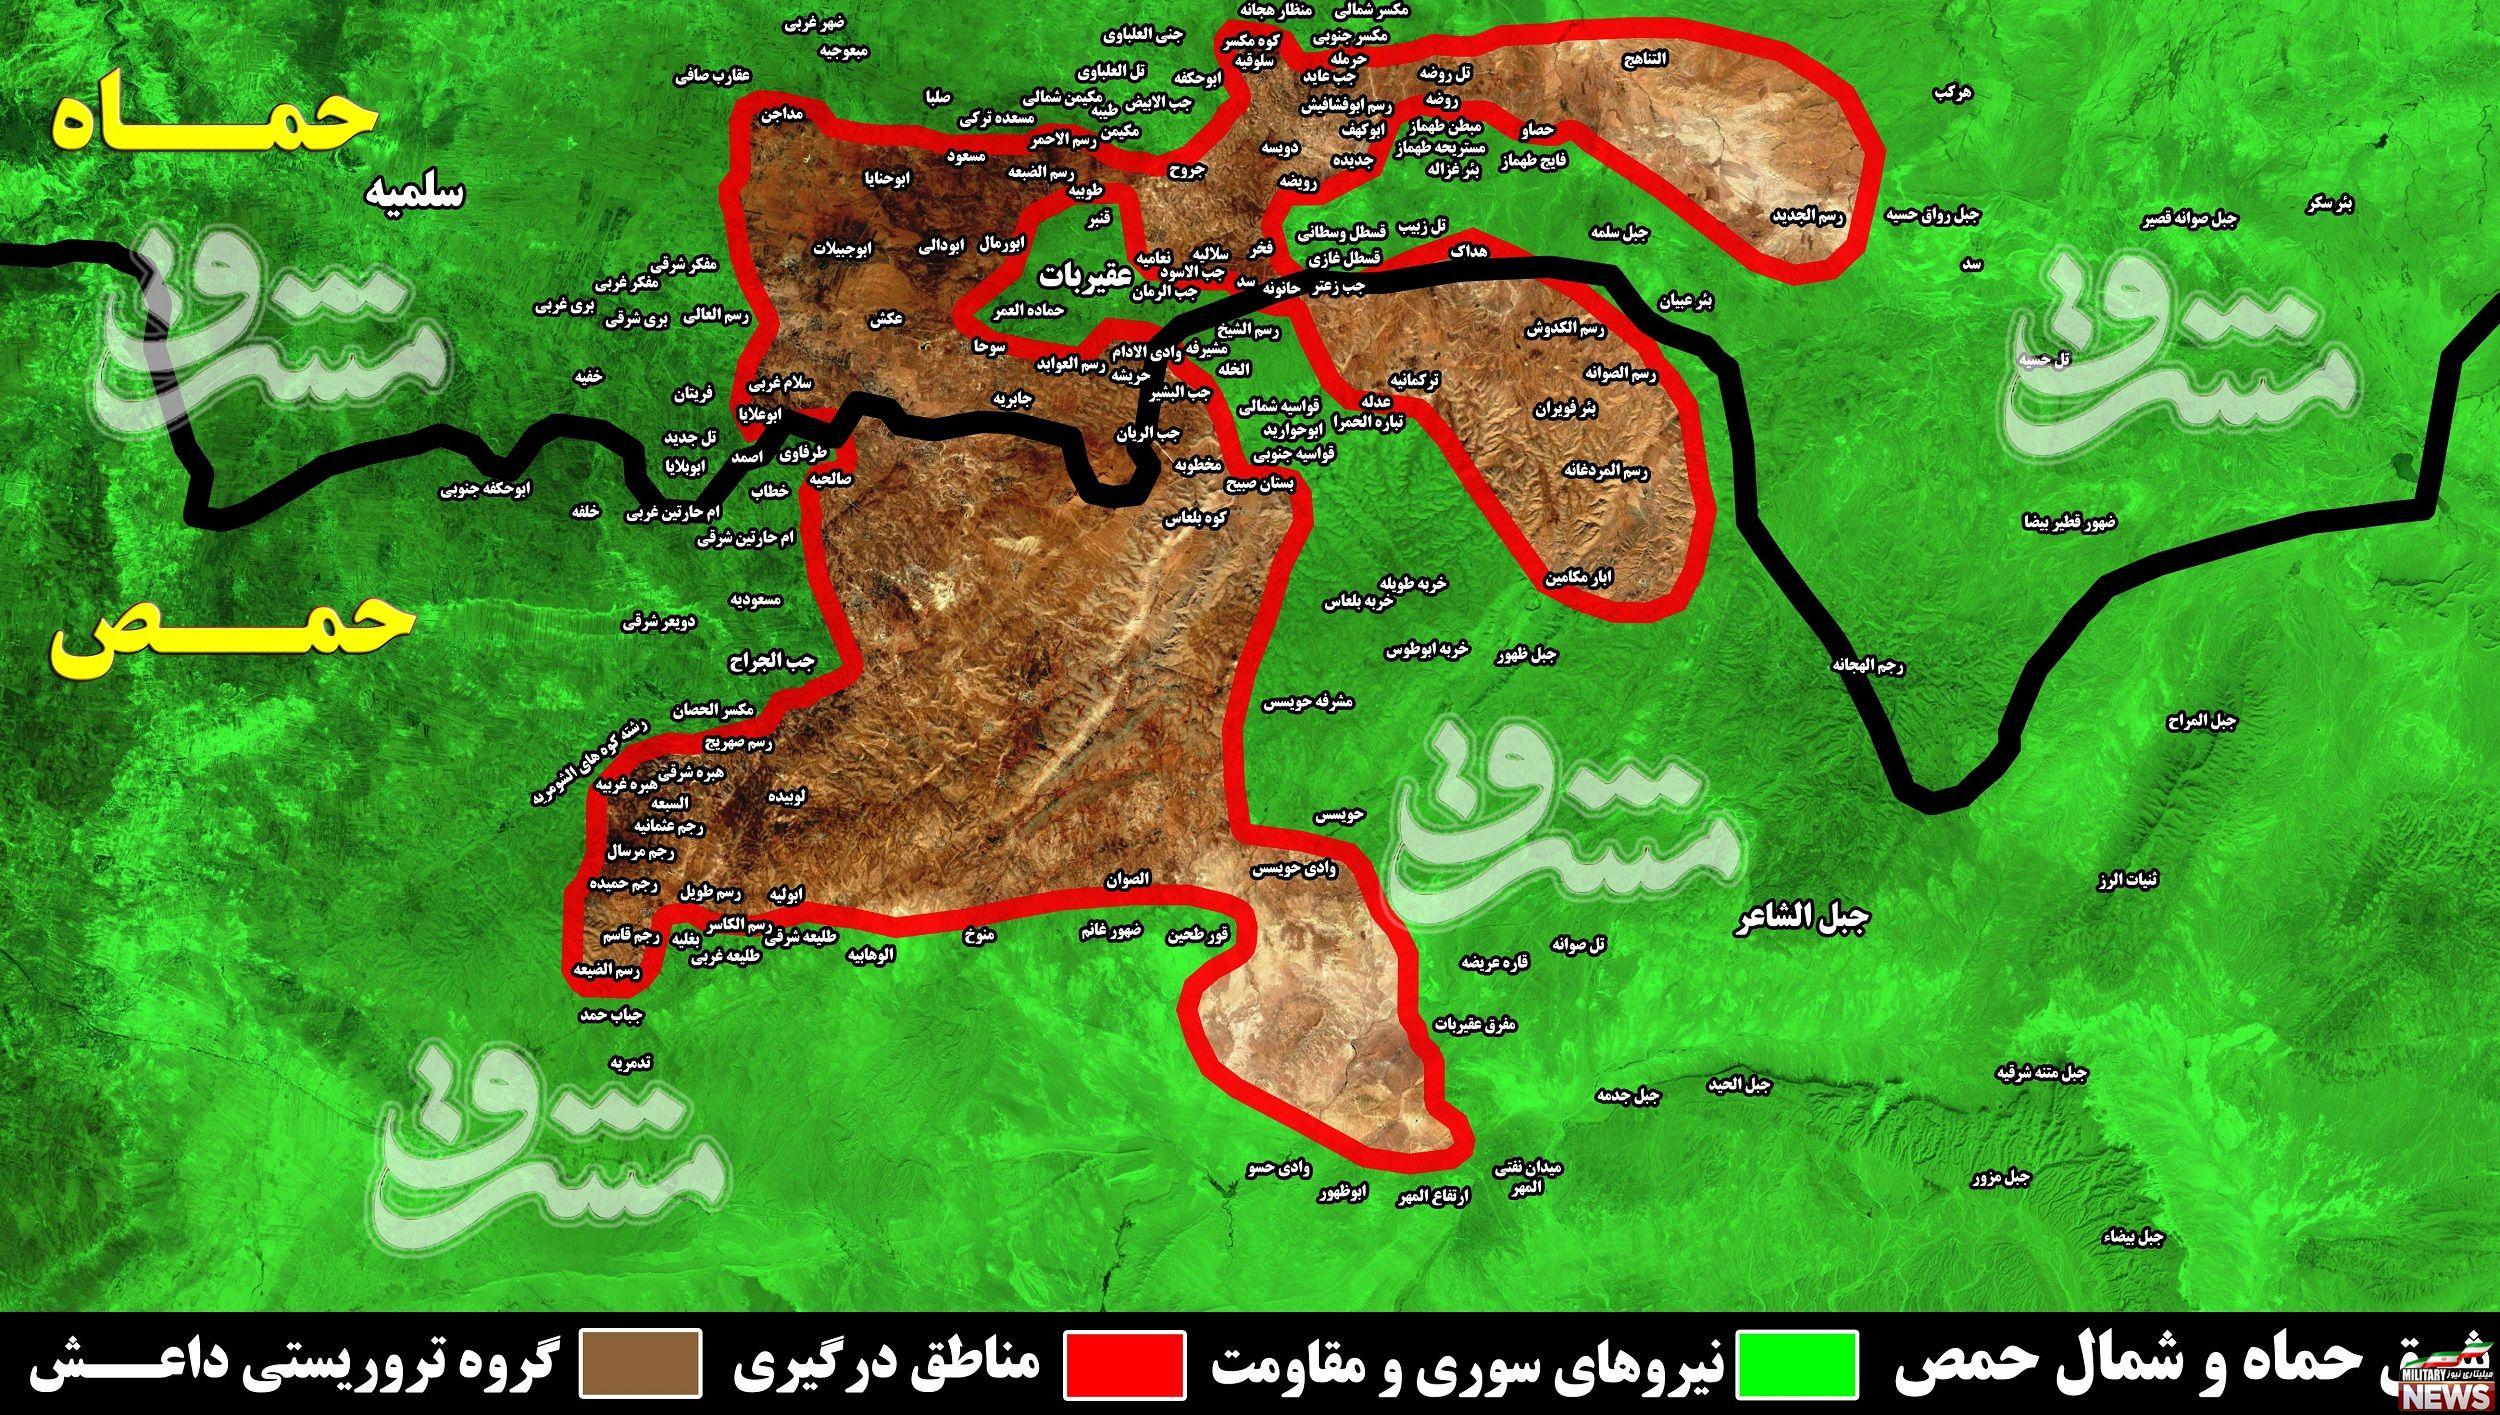 ۶۰۰ کیلومتر مربع از مساحت آلوده در شرق حماه پاکسازی شد + نقشه میدانی